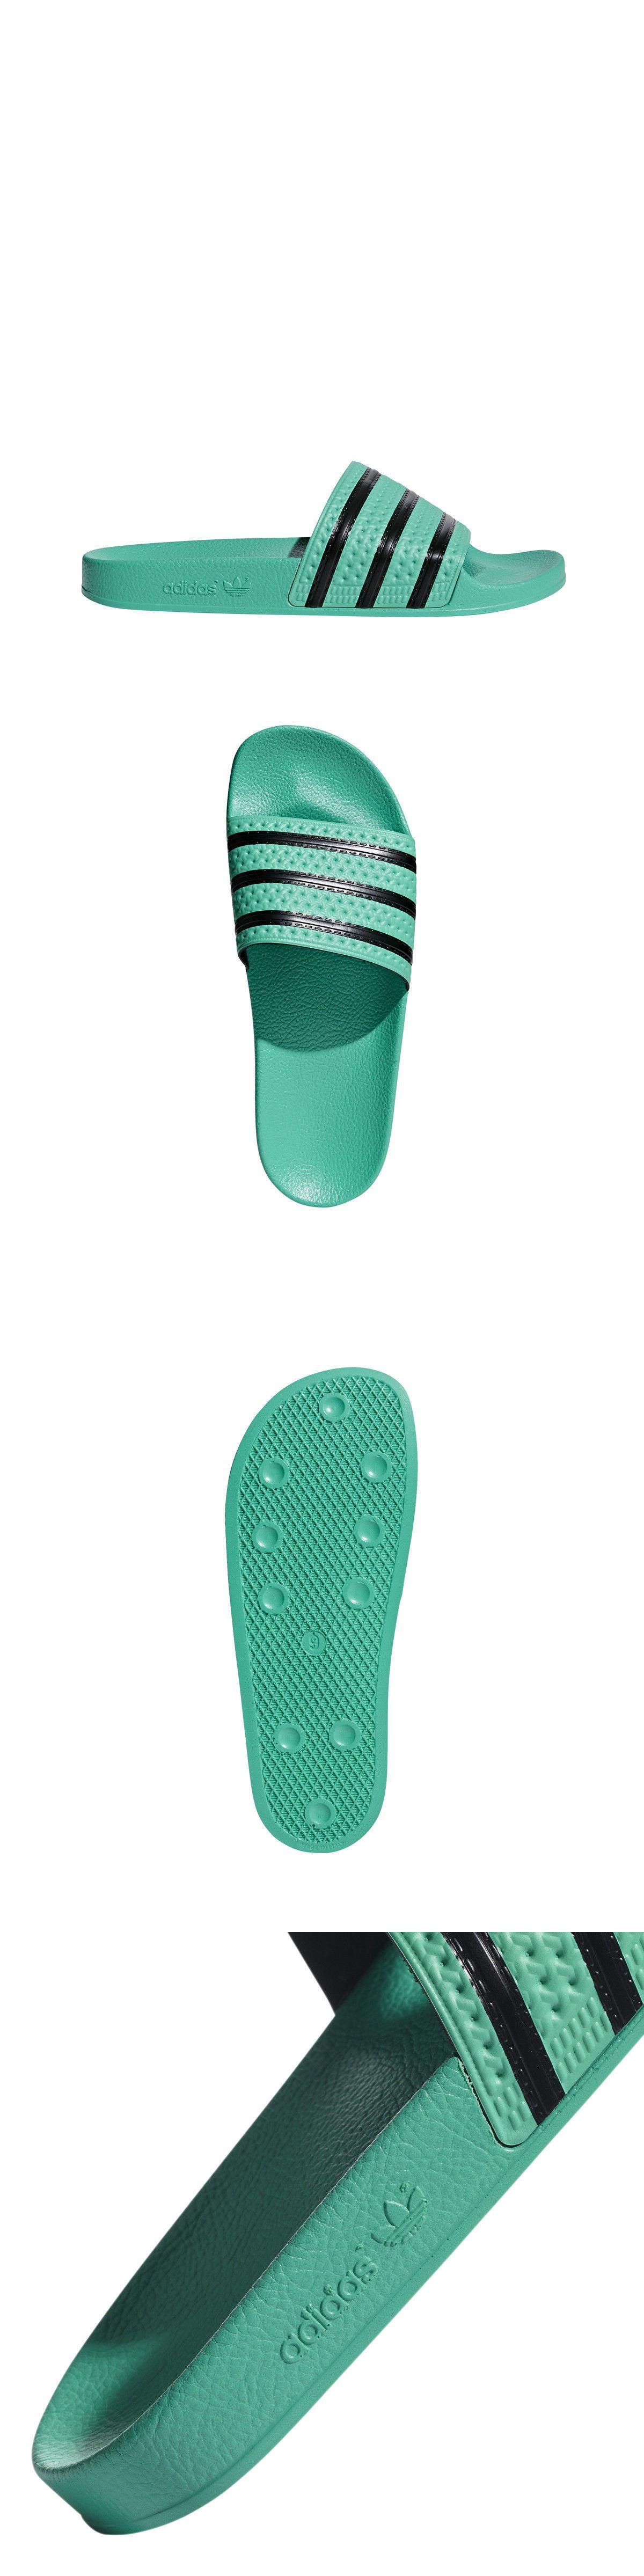 528e1d6aabbb Sandals 11504  New Men S Adidas Originals Adilette Slides  Cq3100  Hi-Res